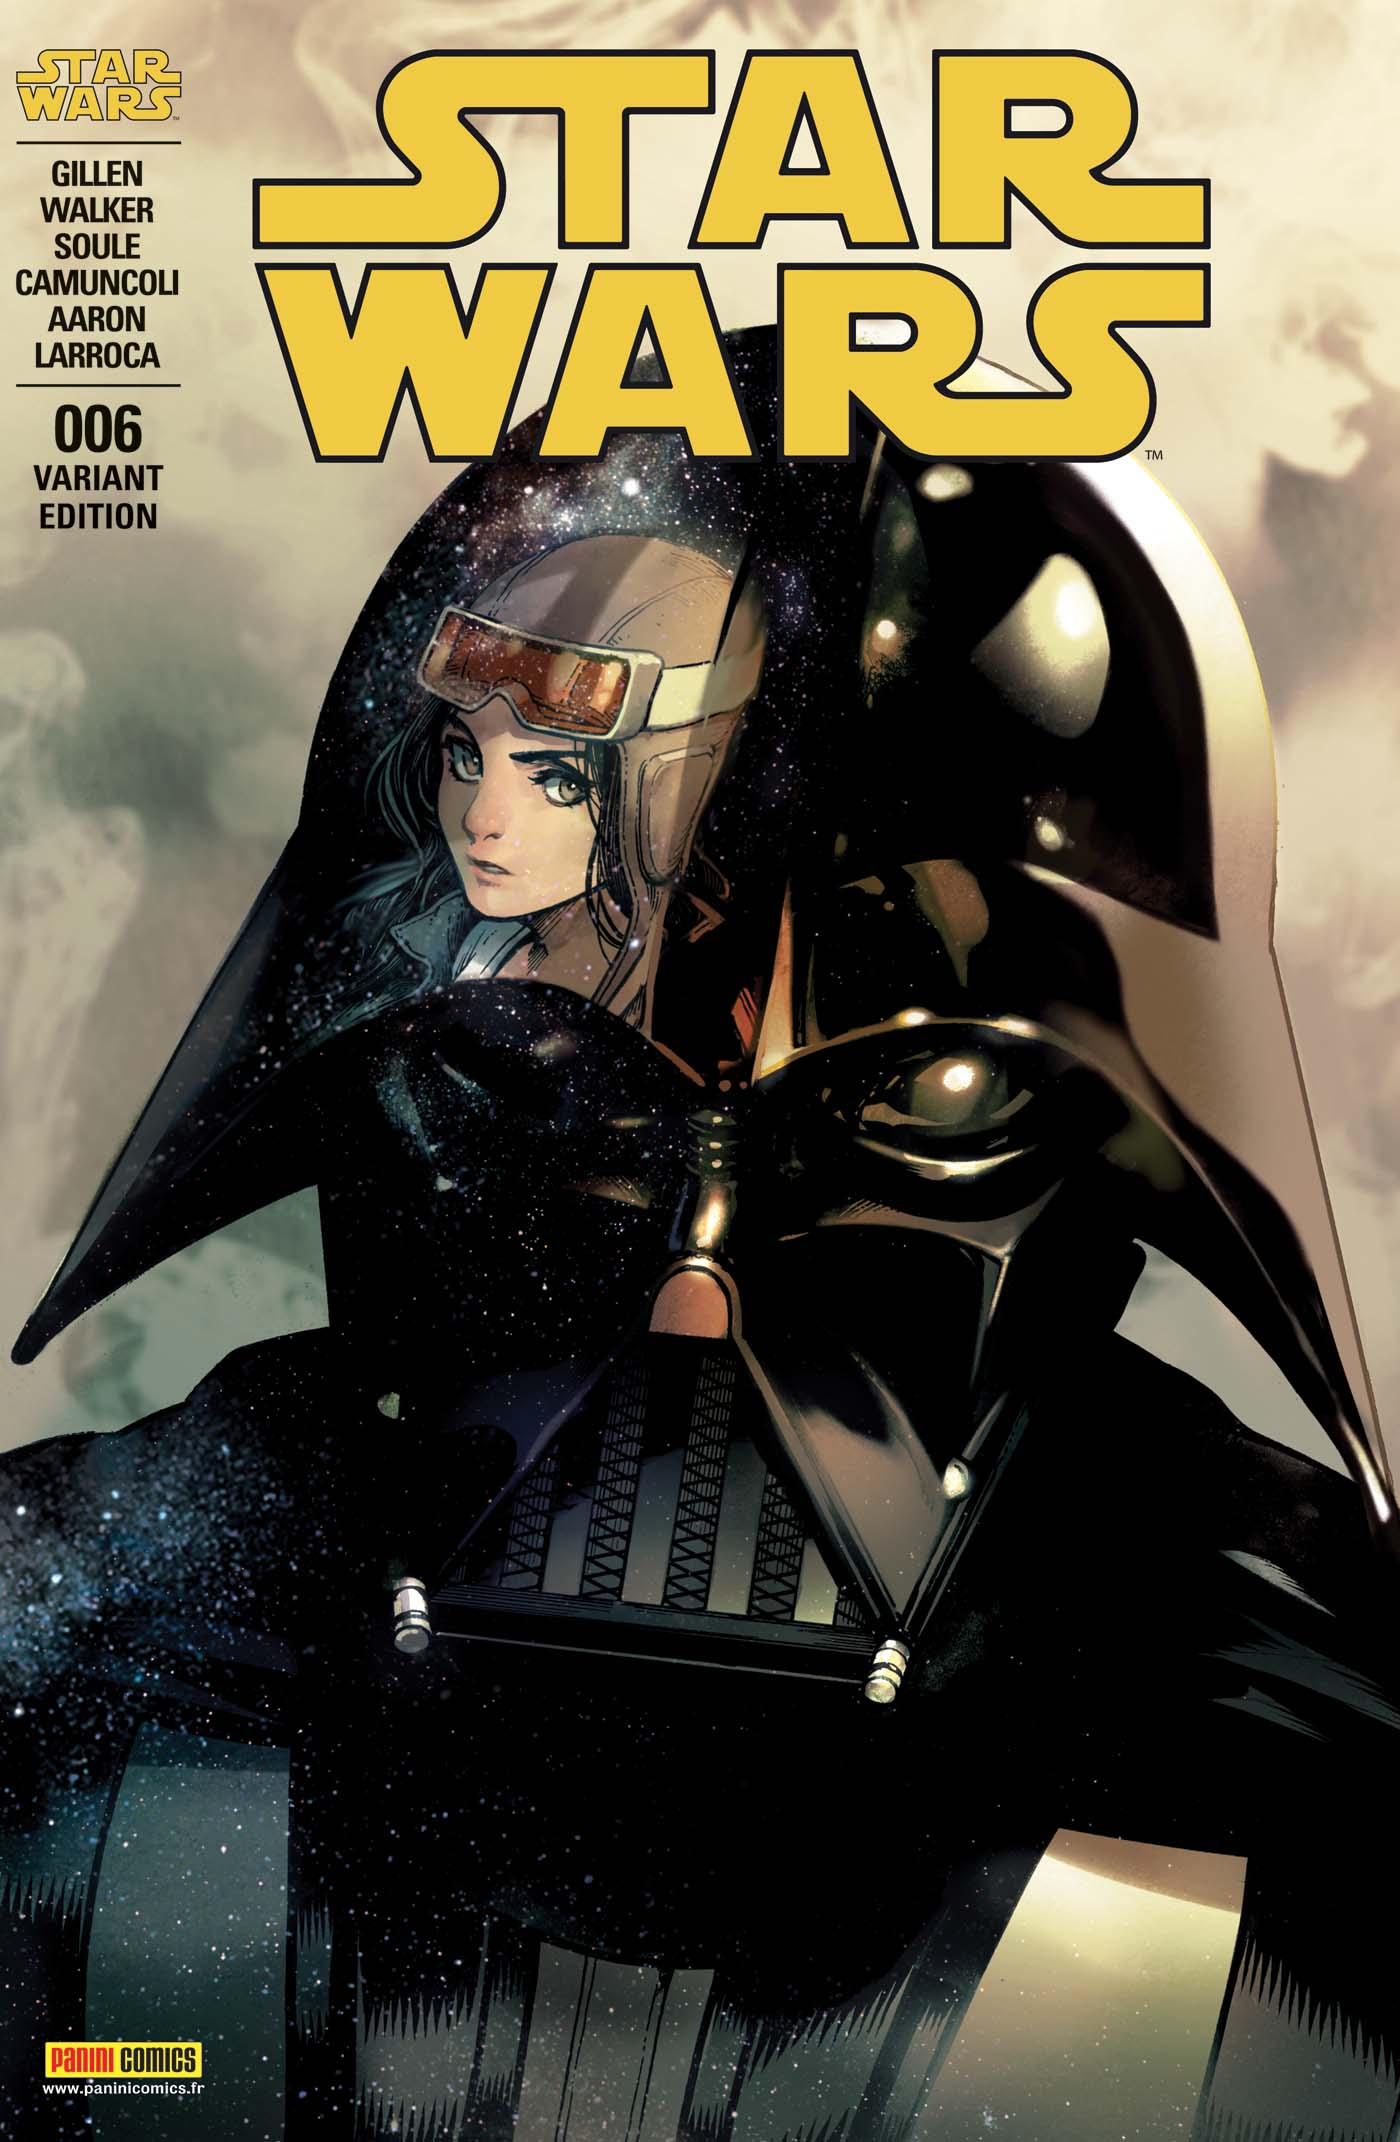 Star Wars 6 - Couvertures régulière 2/2